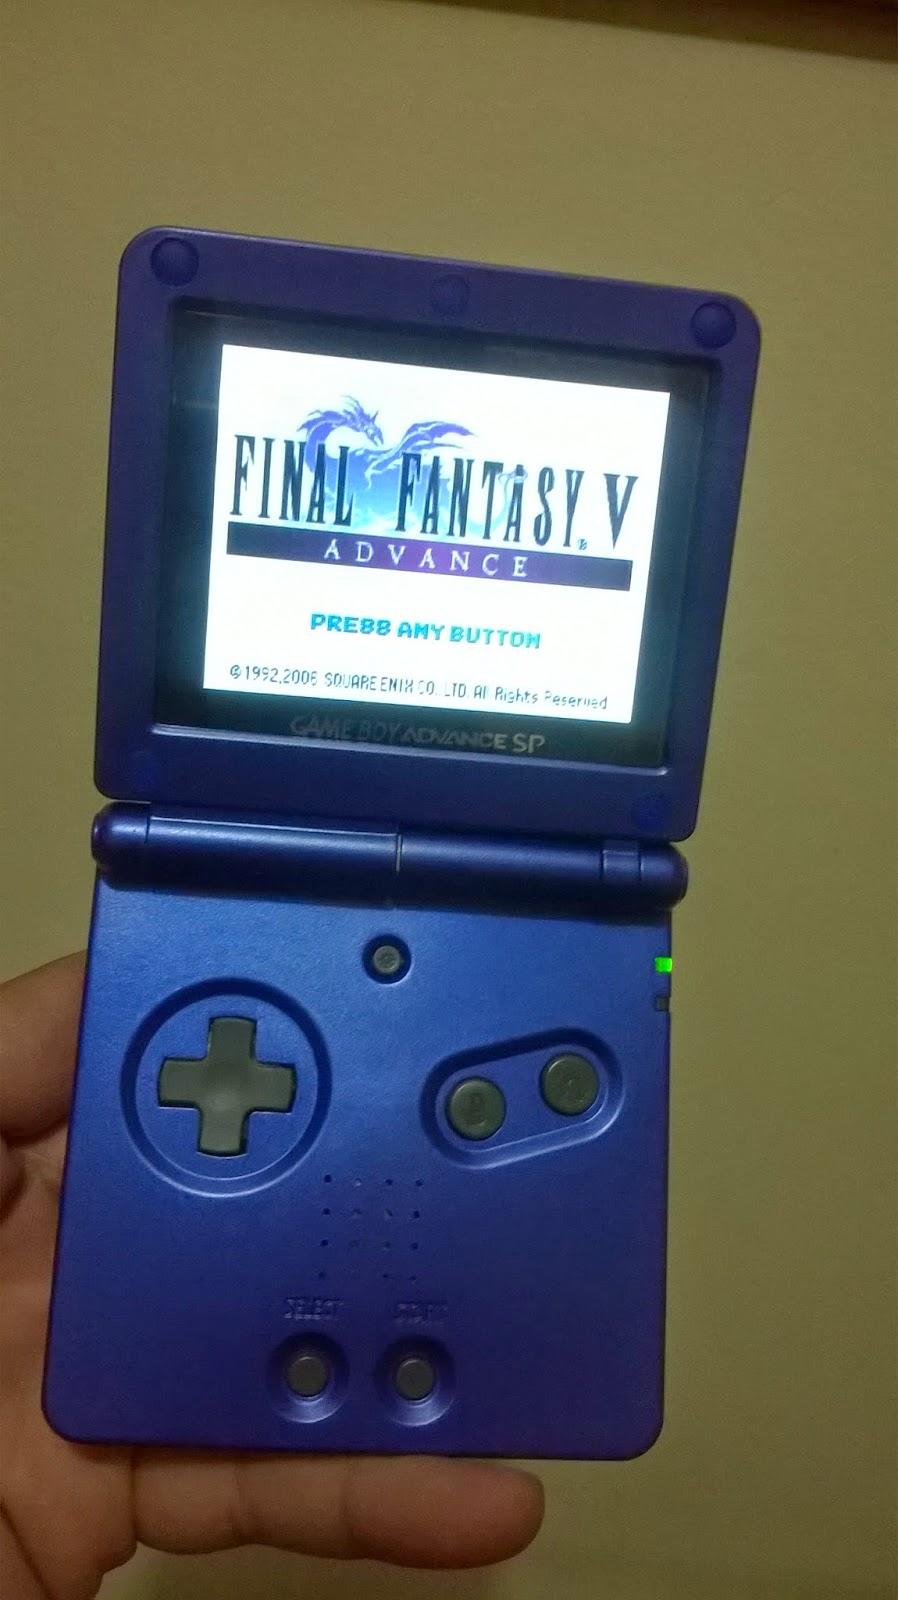 Game boy color quanto custa - Completamente Id Ntico A Um Game Boy Advance Original Tela Brilhante E N Tida De Tima Qualidade Mesmo Som Auto E Claro